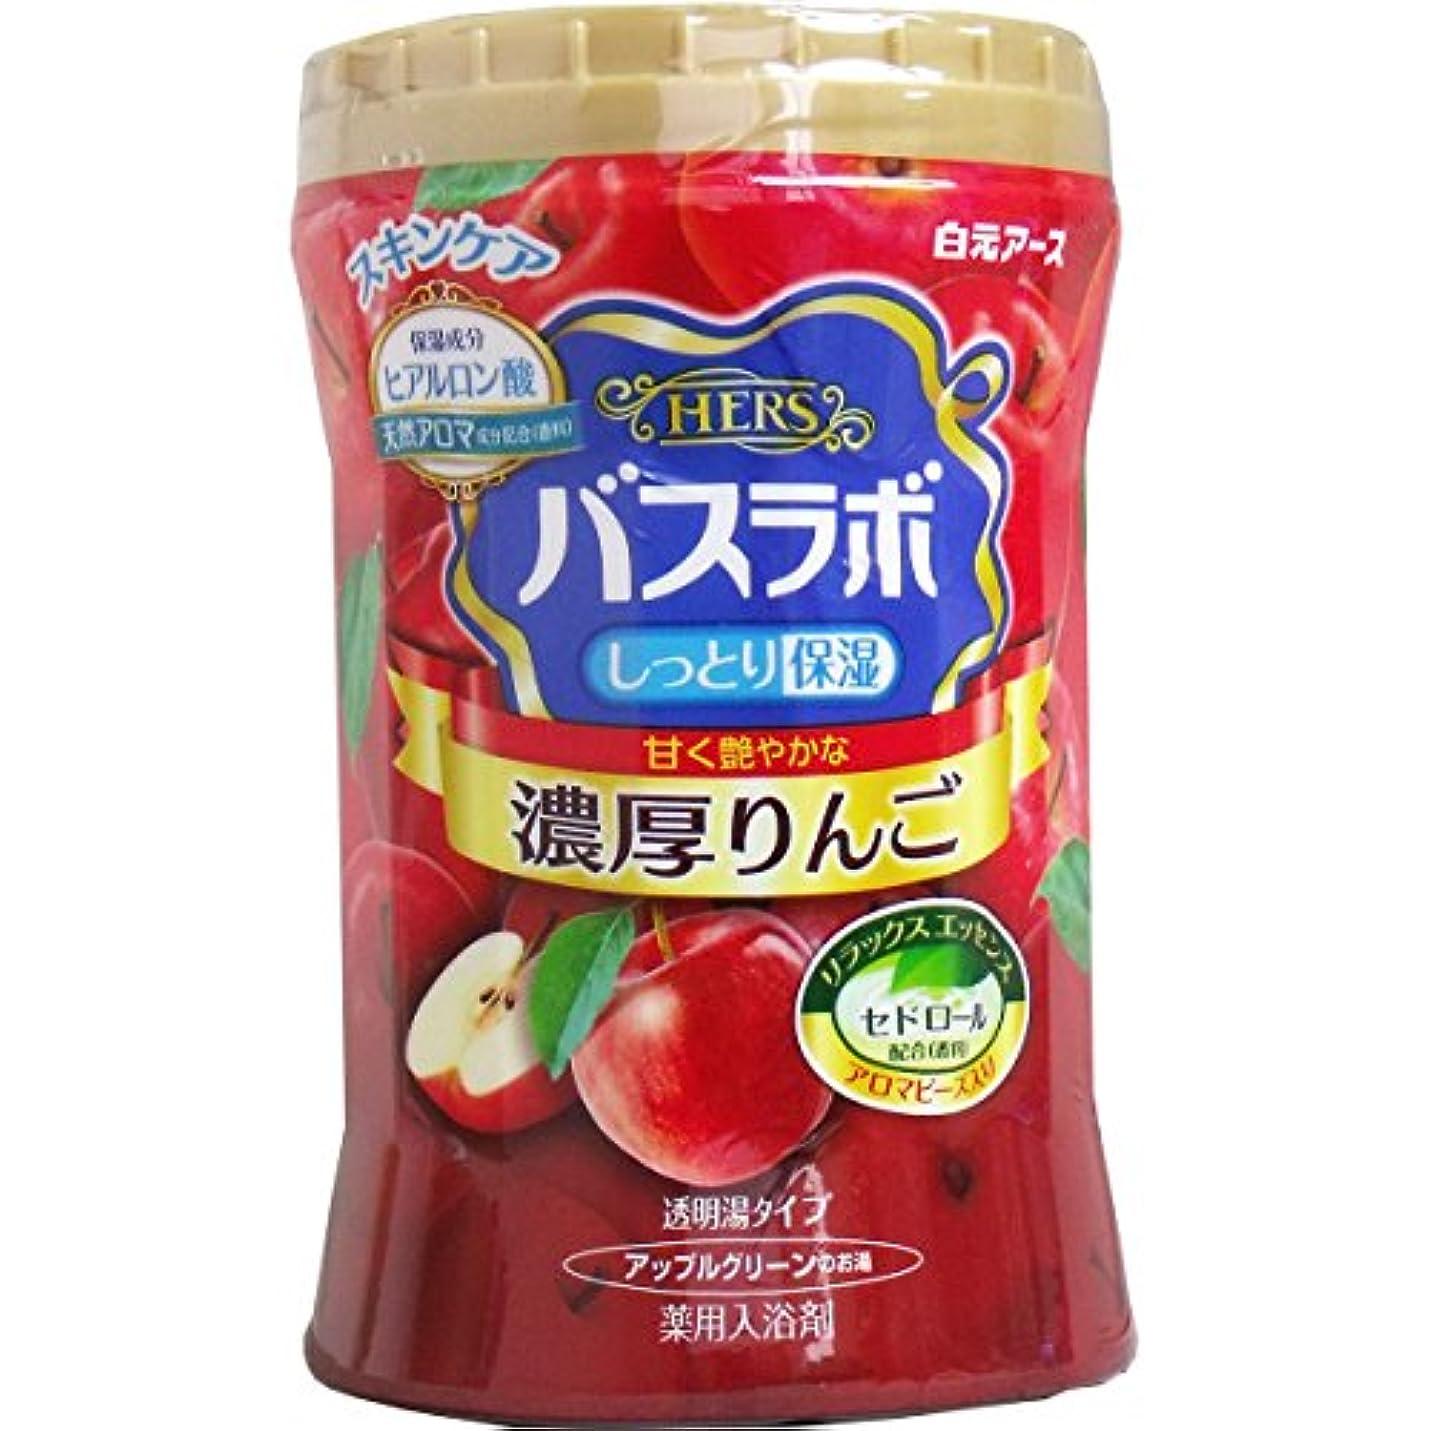 意欲風が強い基本的なバスラボボトル濃厚りんごの香り 640g